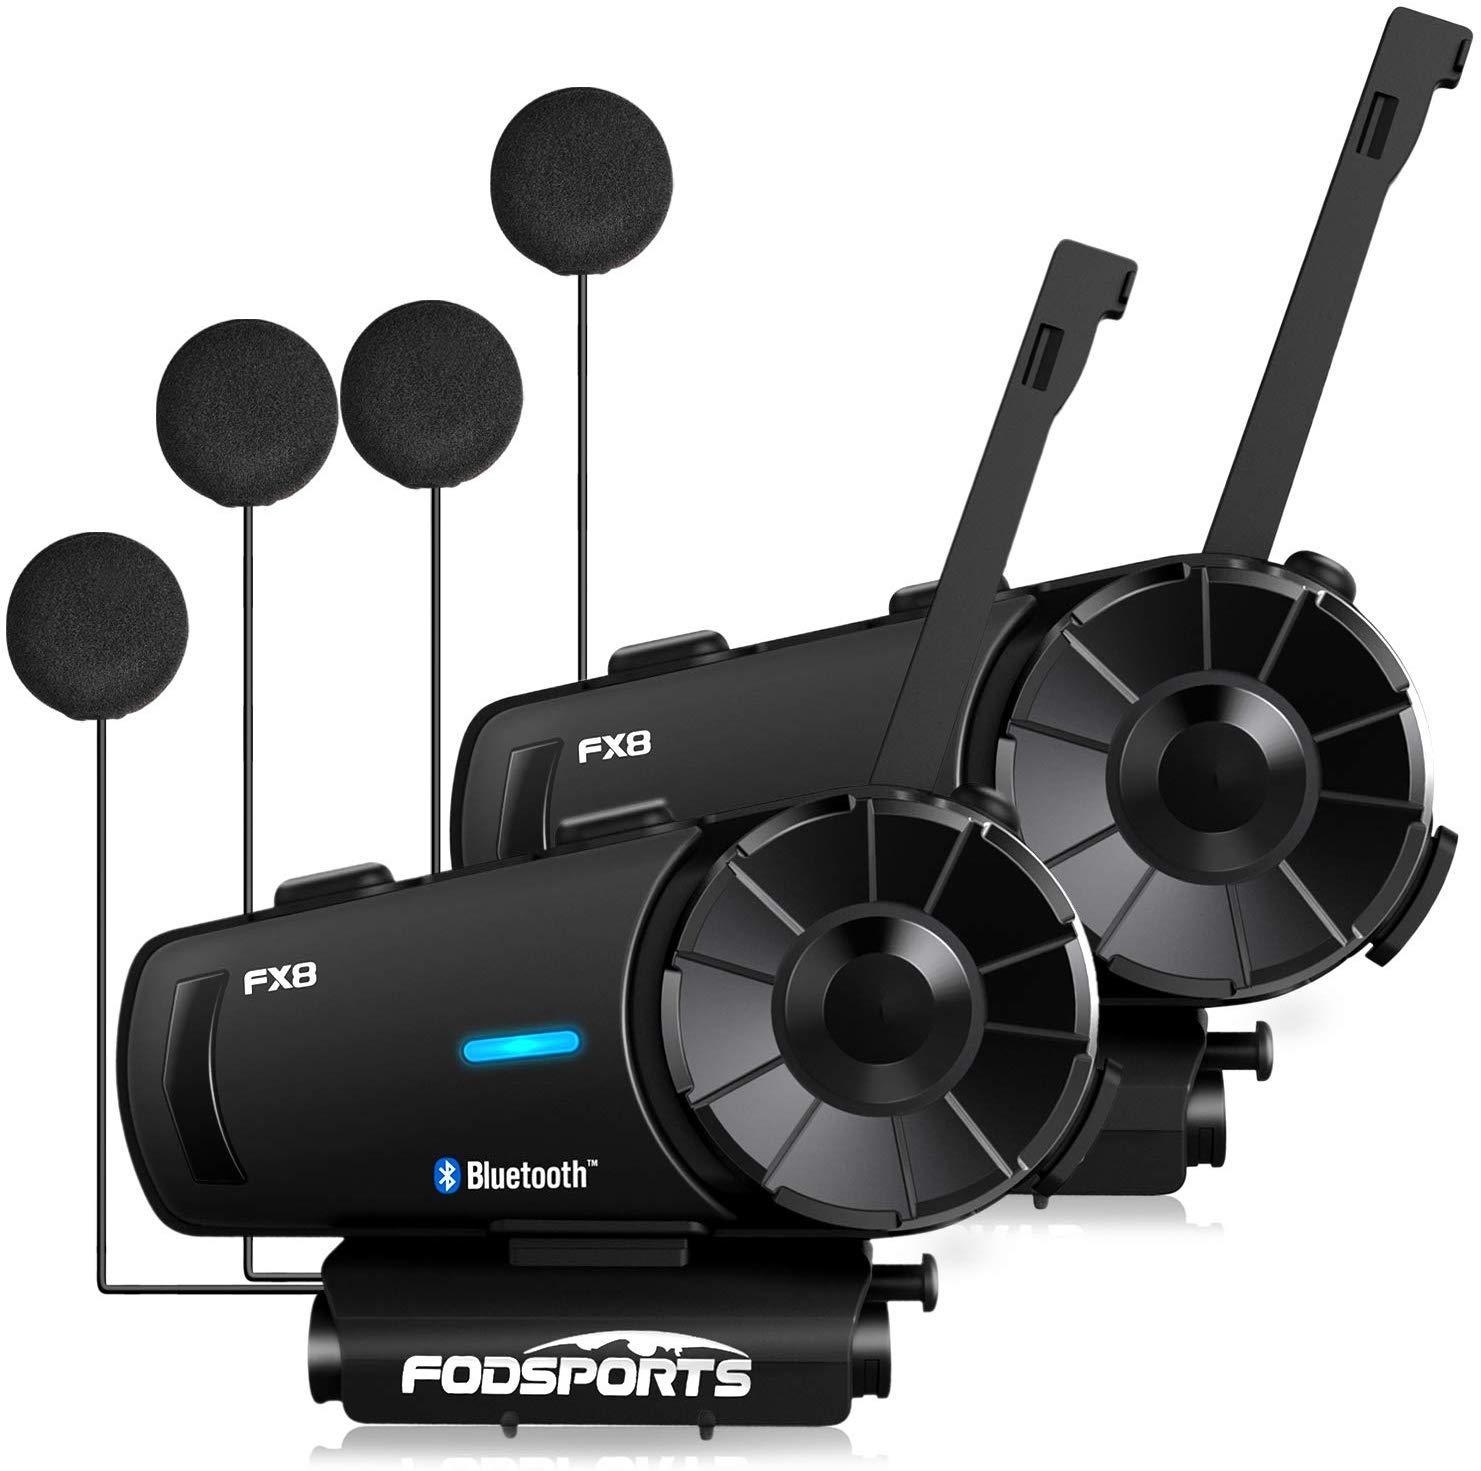 Fodsports FX8 2000m